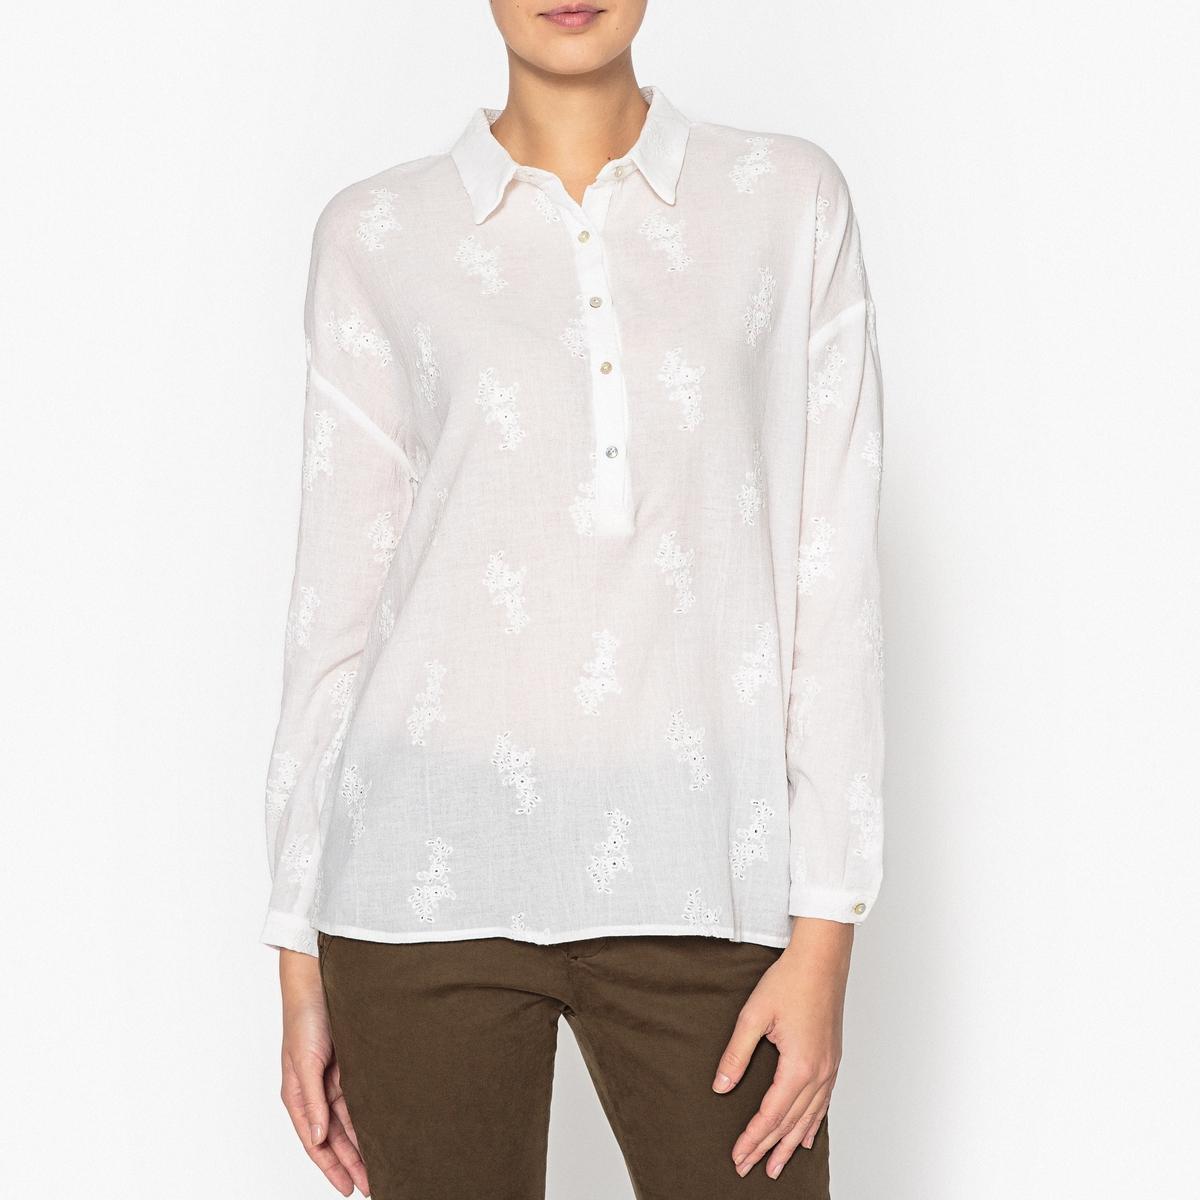 Рубашка свободная с вышивкой BLEРубашка с длинными рукавами GARANCE - модель BLE. Вышивка, манжеты на пуговицах и частичная вставка с пуговицами под воротником.Детали •  Длинные рукава •  Покрой бойфренд, свободный •  Воротник-поло, рубашечный Состав и уход •  100% хлопок •  Следуйте советам по уходу, указанным на этикетке<br><br>Цвет: экрю